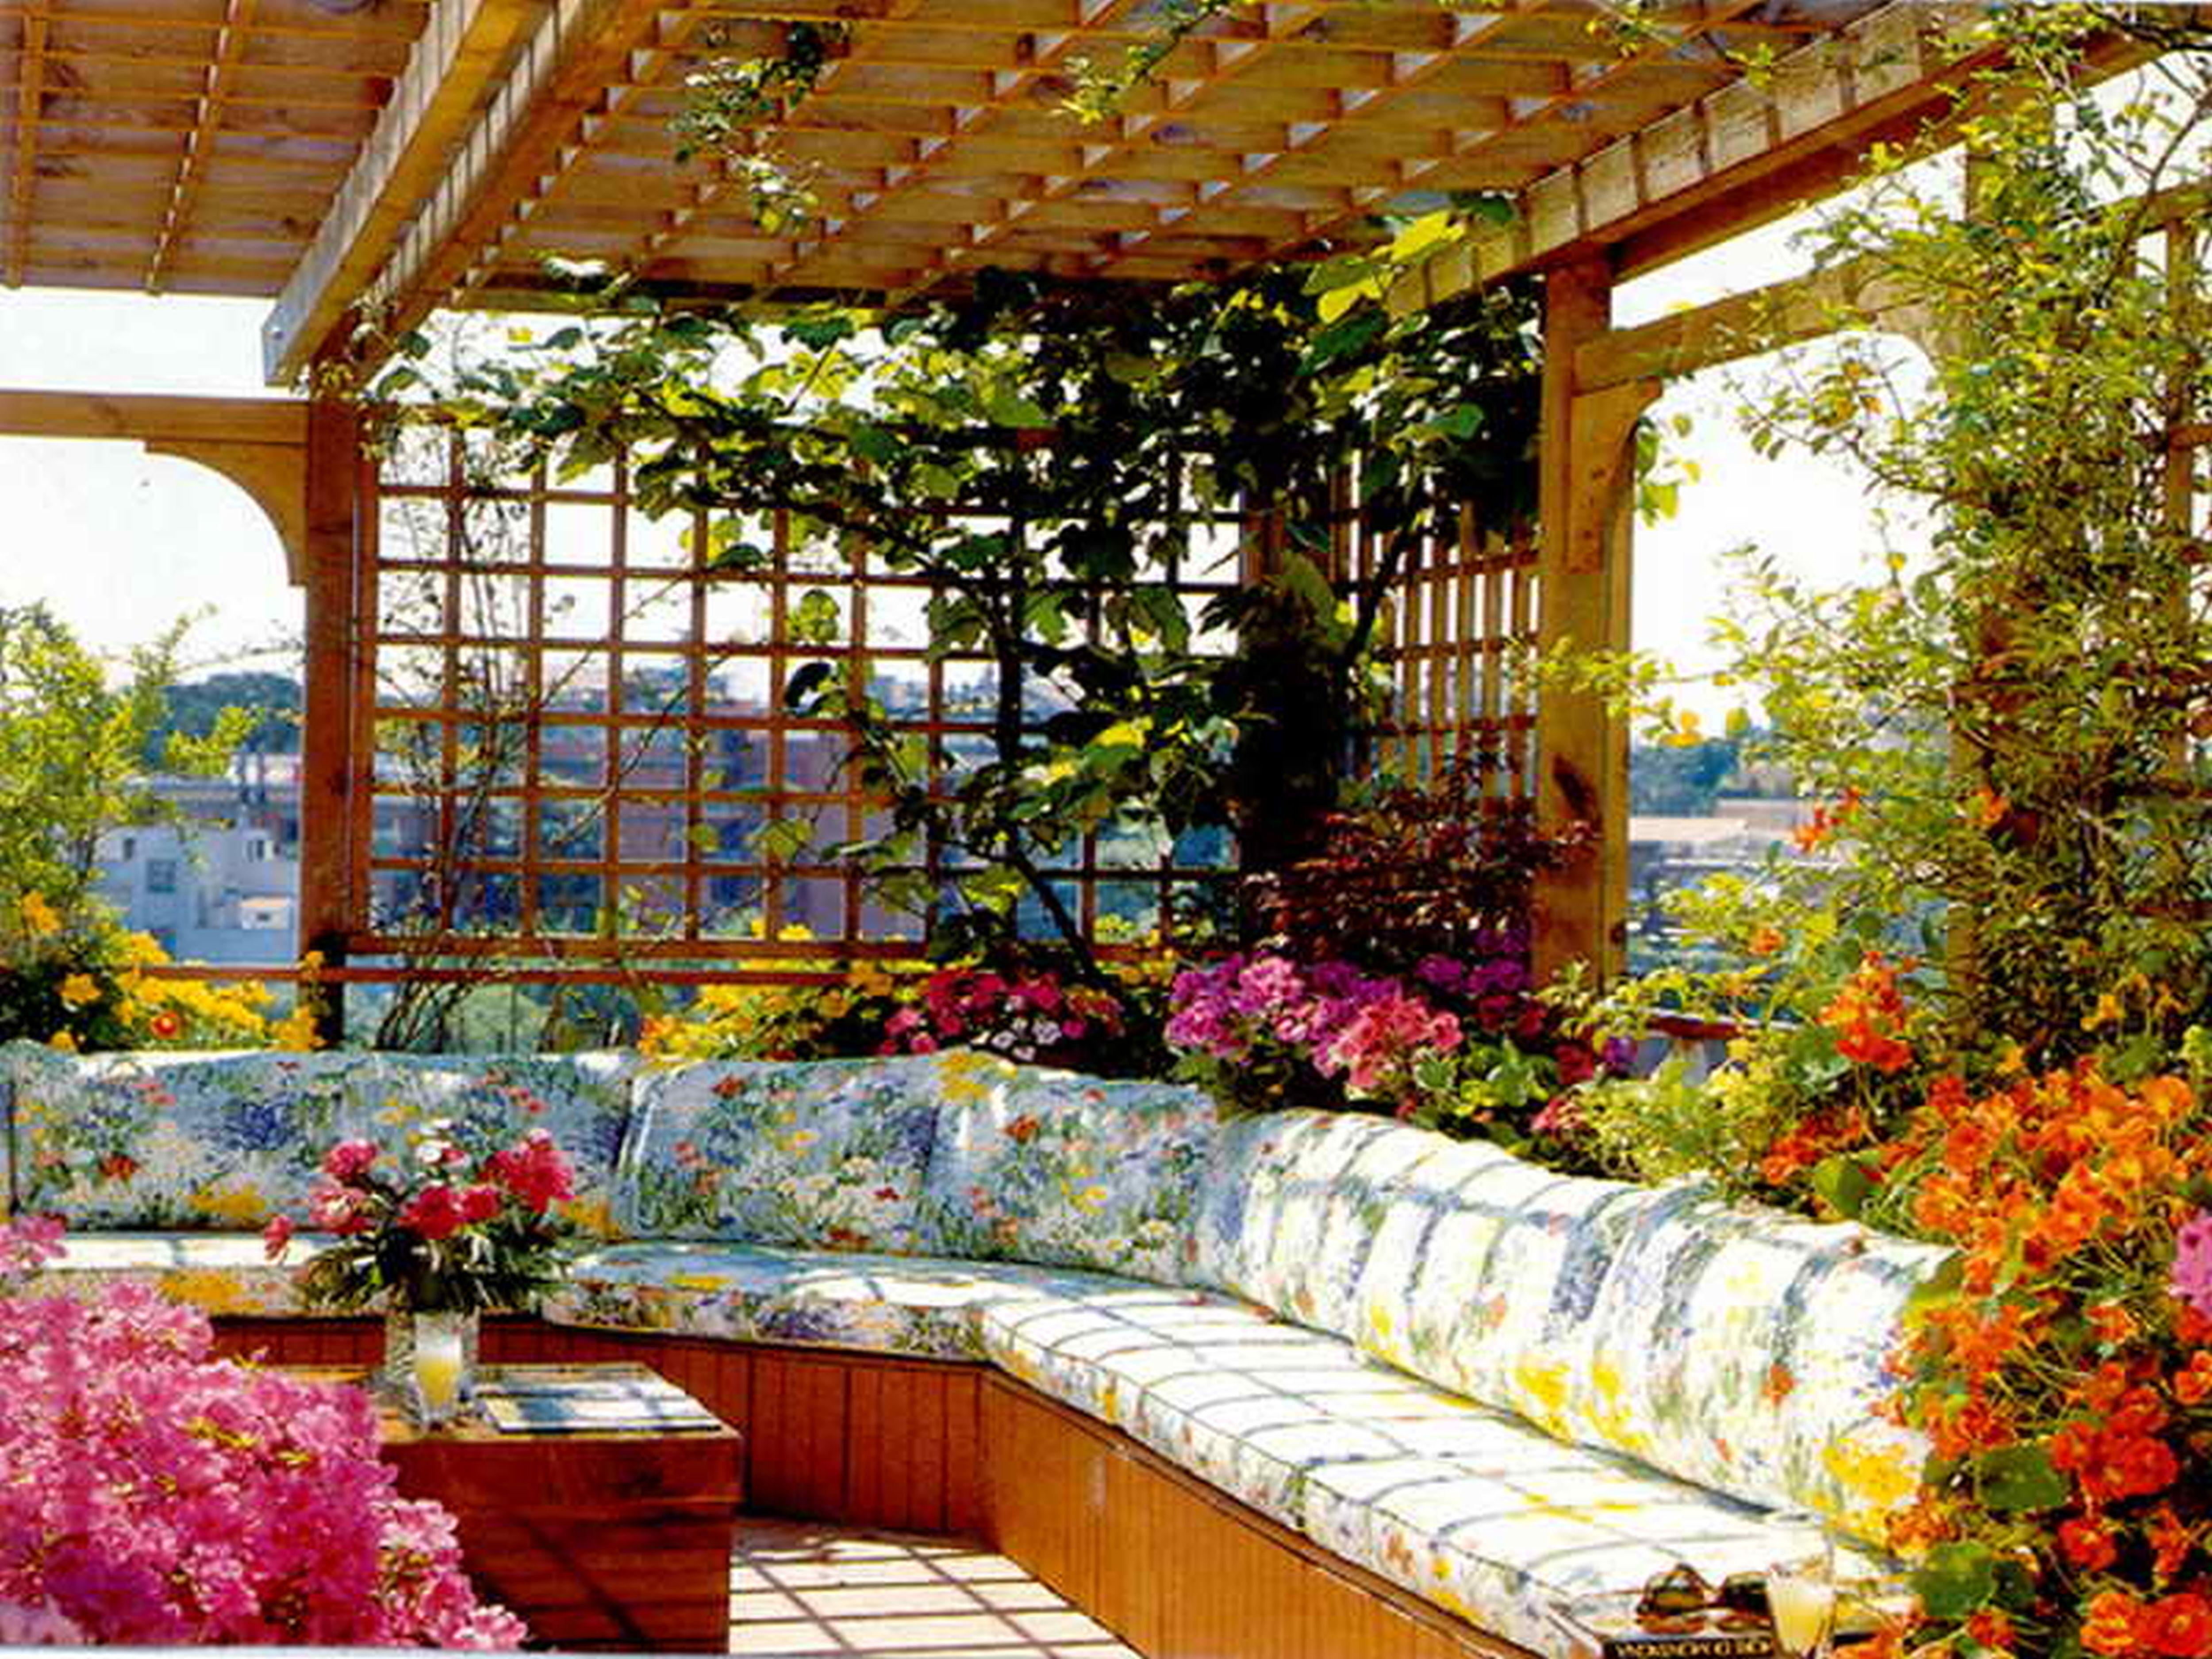 Rooftop Flower Garden Design Ideas Mediterranean Style | 1836 .